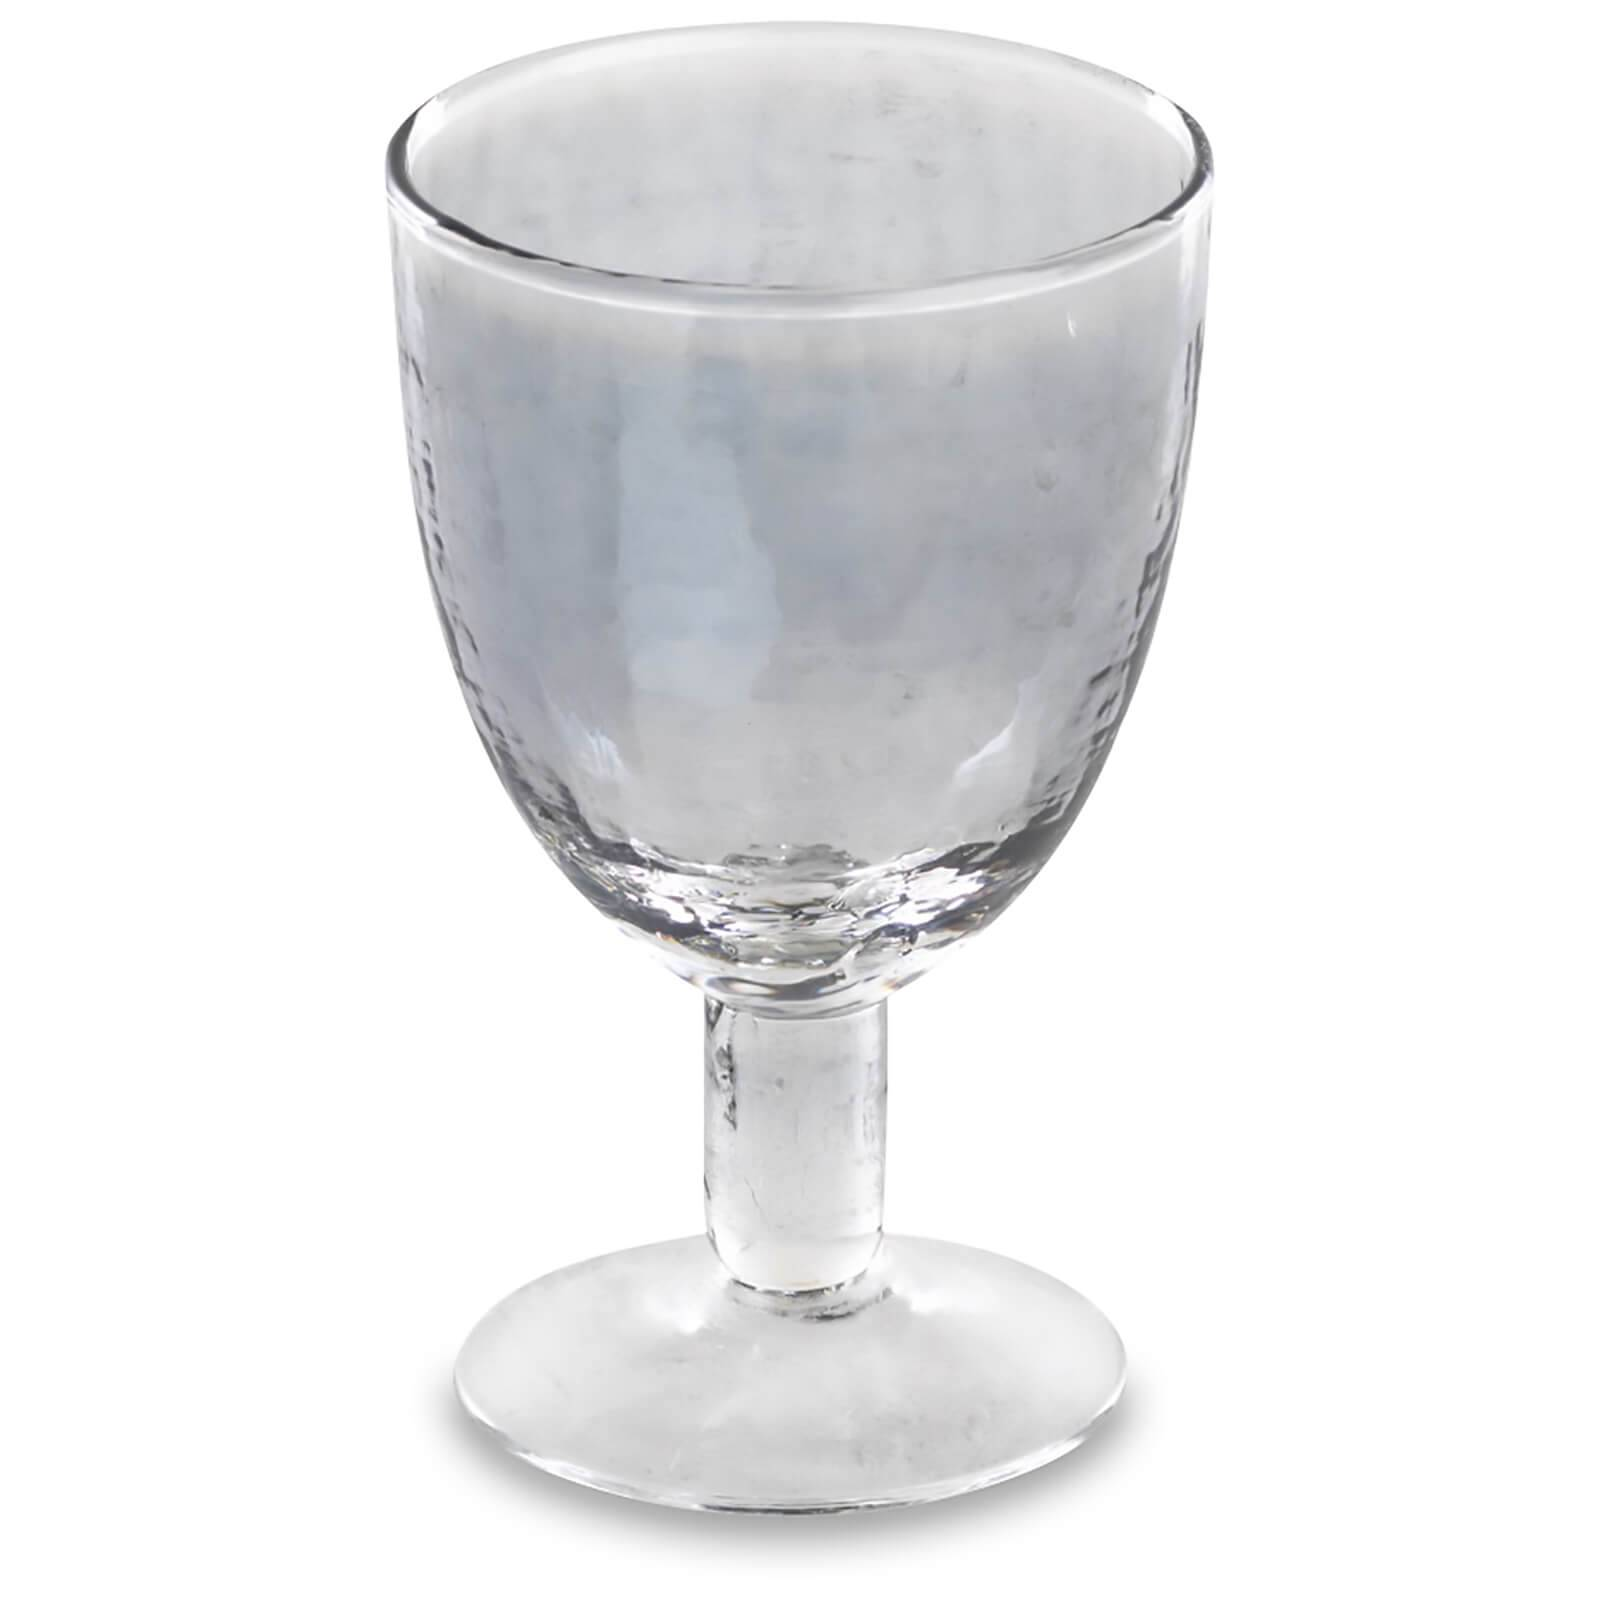 Nkuku Ozari Wine Glass - Aged Silver